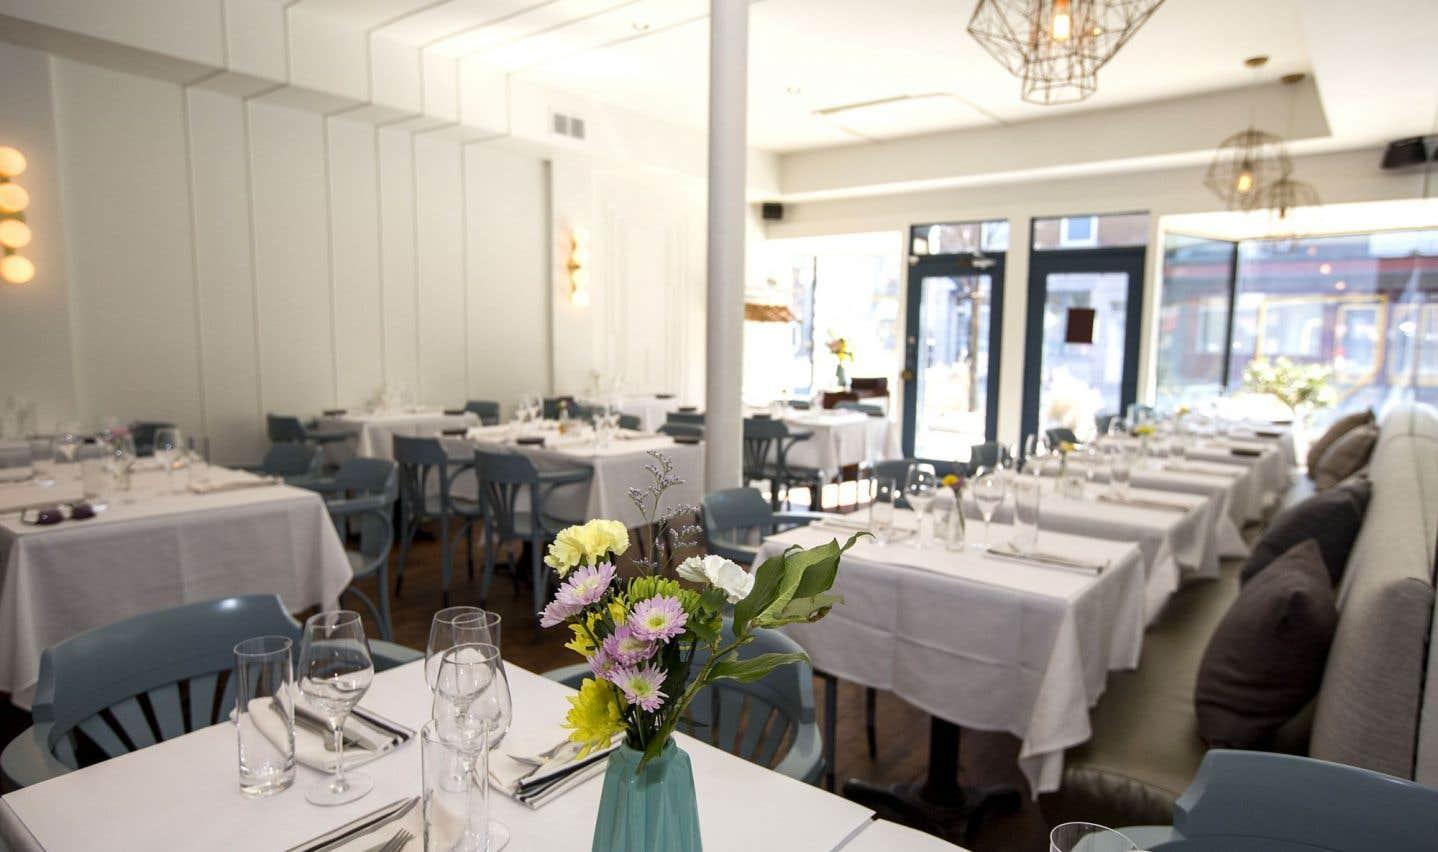 Le décor du restaurant Prince est simple et de bon goût, suffisamment chic pour qu'on s'y sente bien, suffisamment retenu pour qu'on ne craigne pas de s'y faire plumer. Princier, donc, mais proche de nous, le bon peuple.